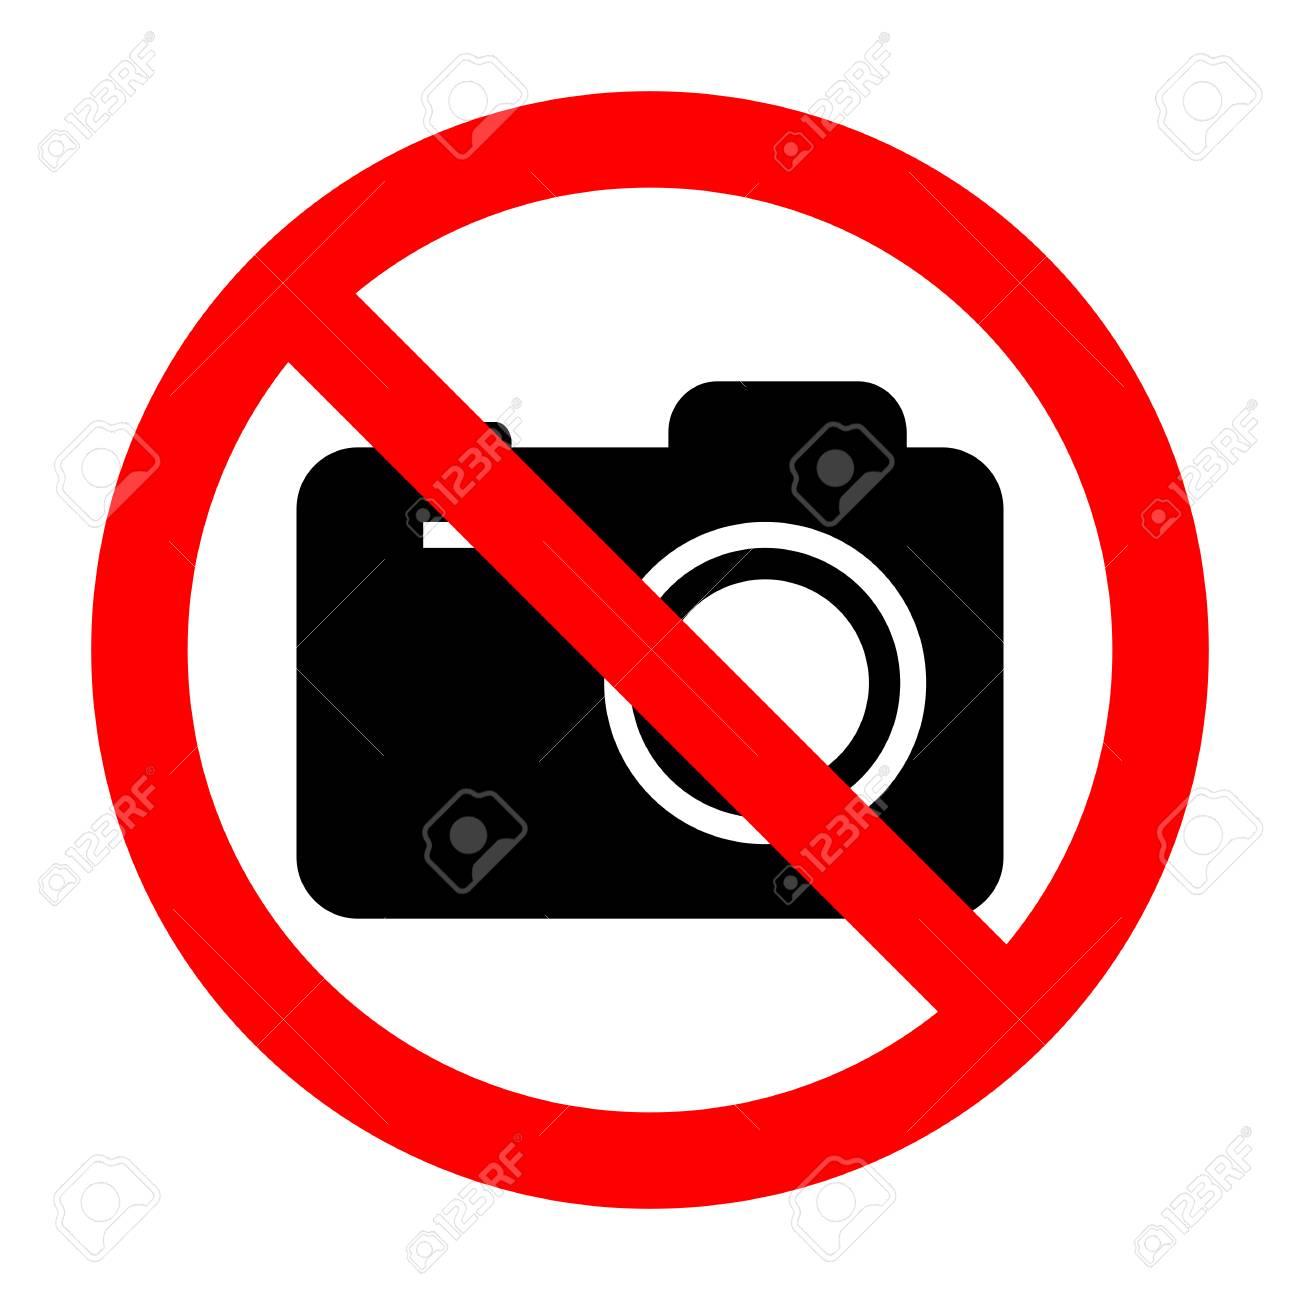 sign prohibited camera on white background - 105342371